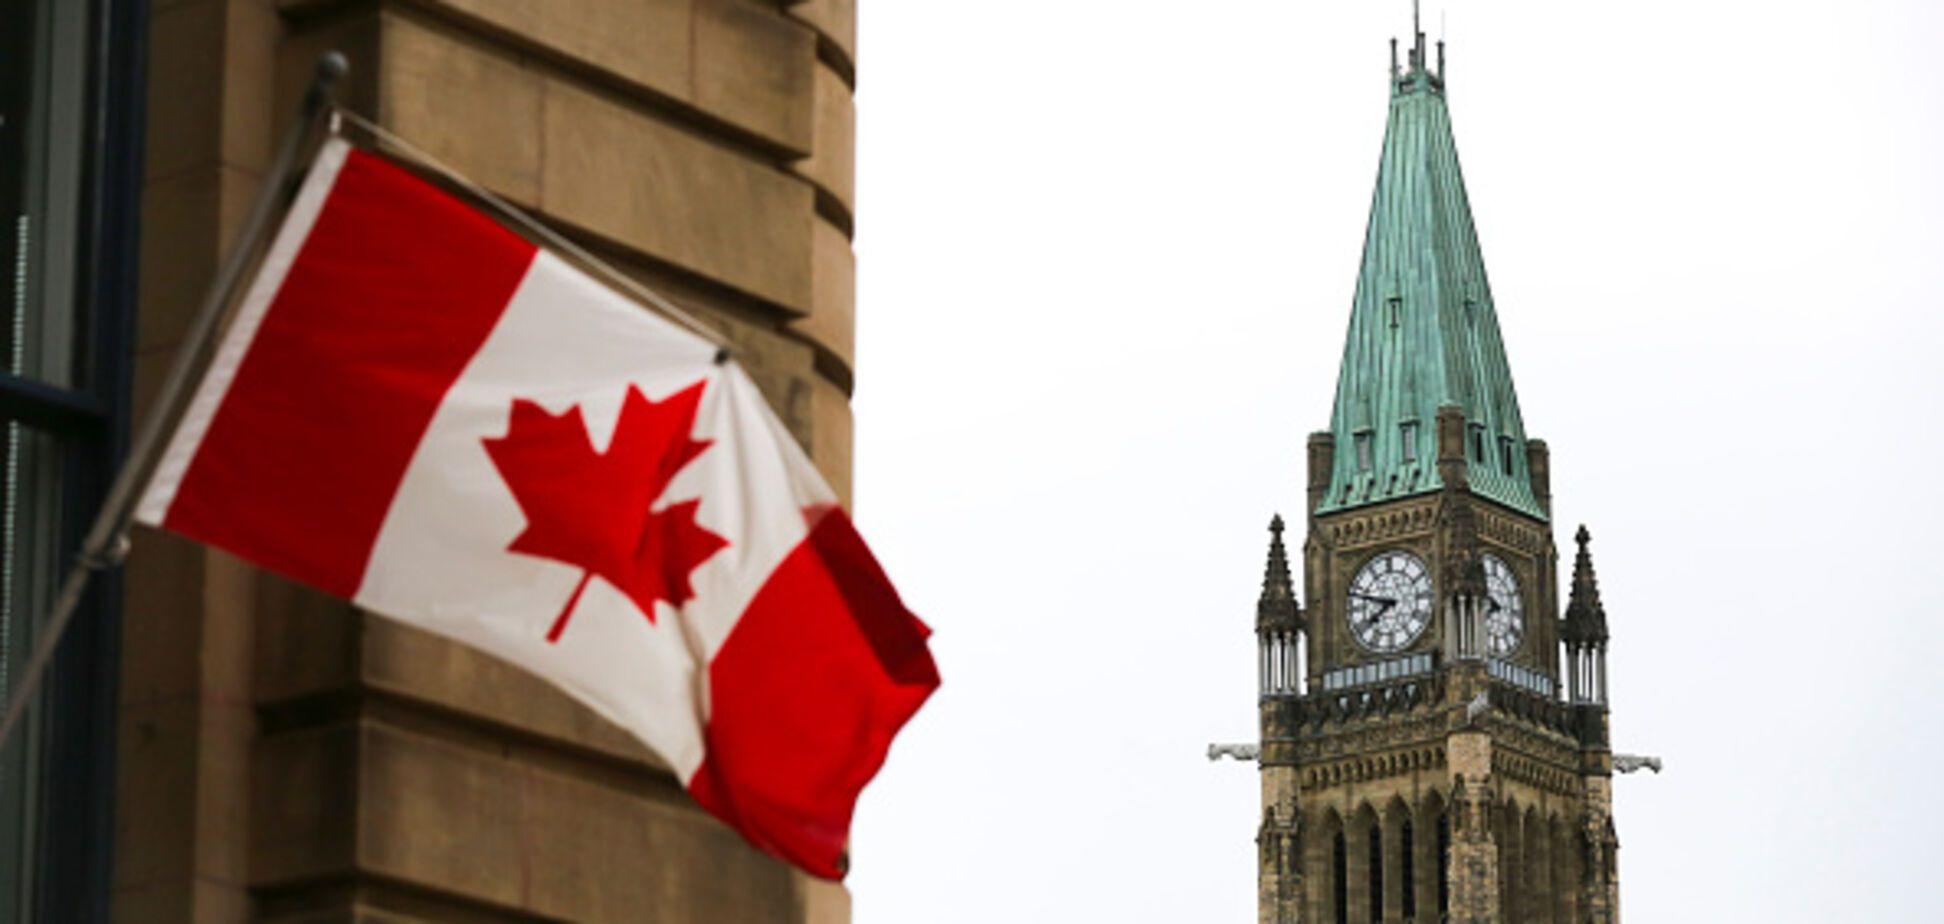 Канада одобрила продажу Украине летального оружия